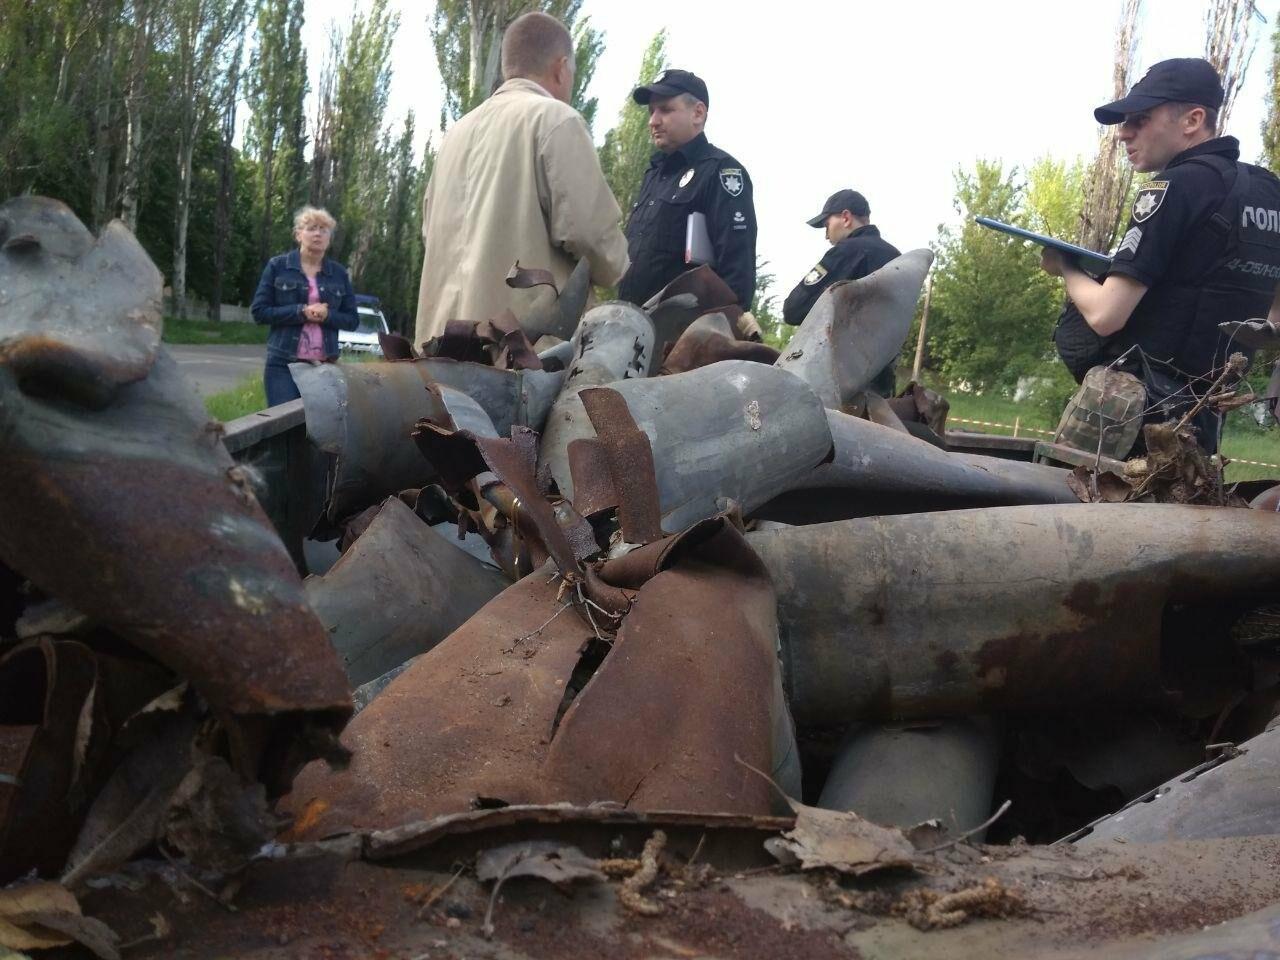 В Авдеевке полиция задержала активистов, разобравших памятник погибшим жителям (ФОТОФАКТ), фото-4